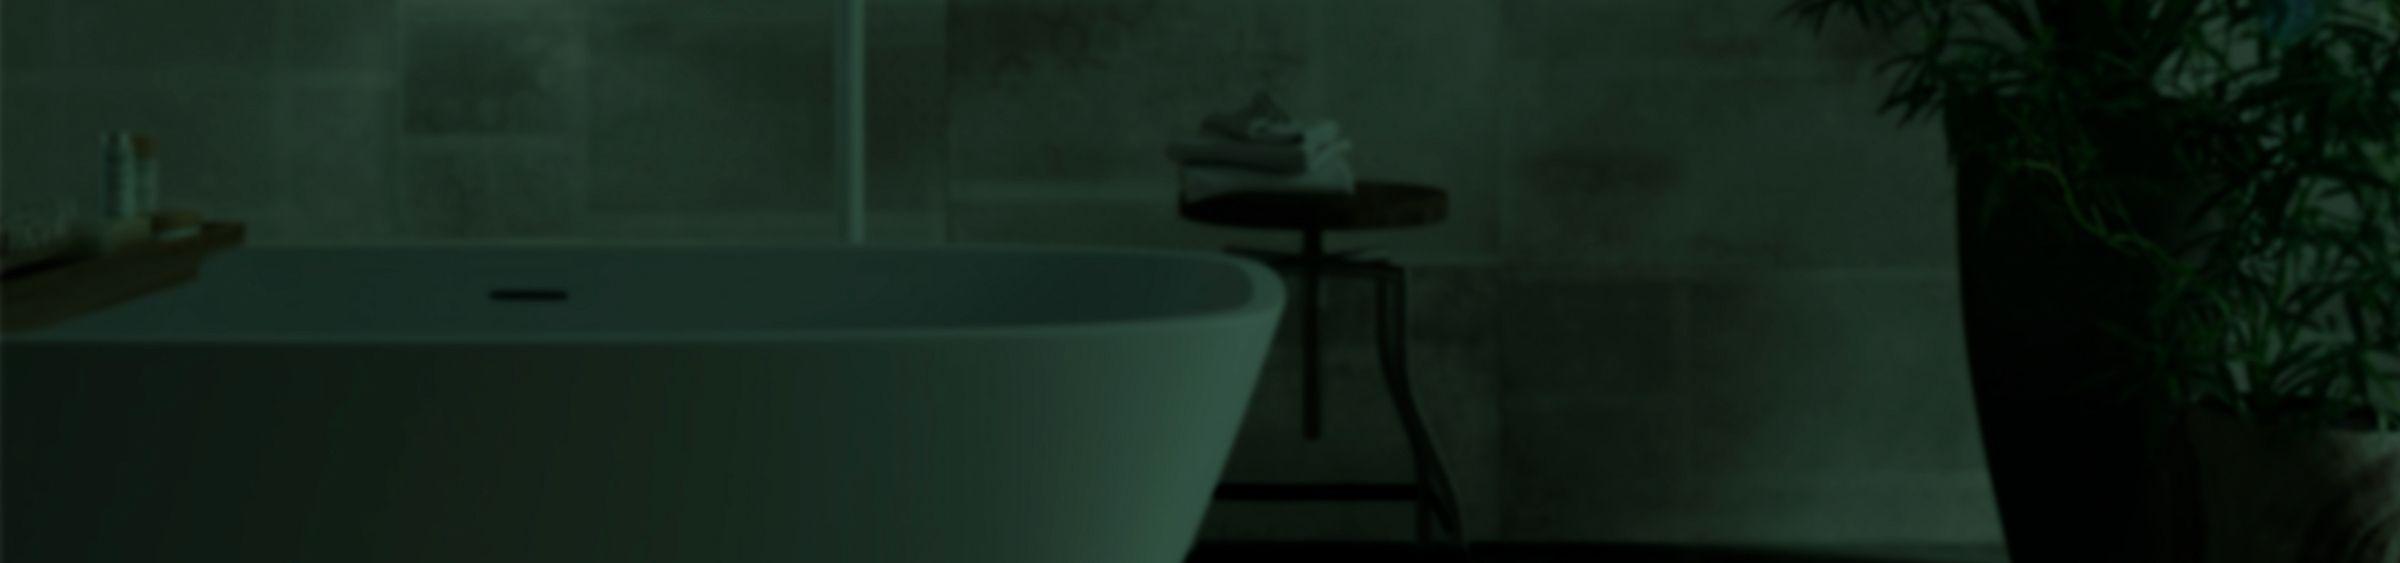 Badkamers - Banner - Welke trend stijlen passen bij u?